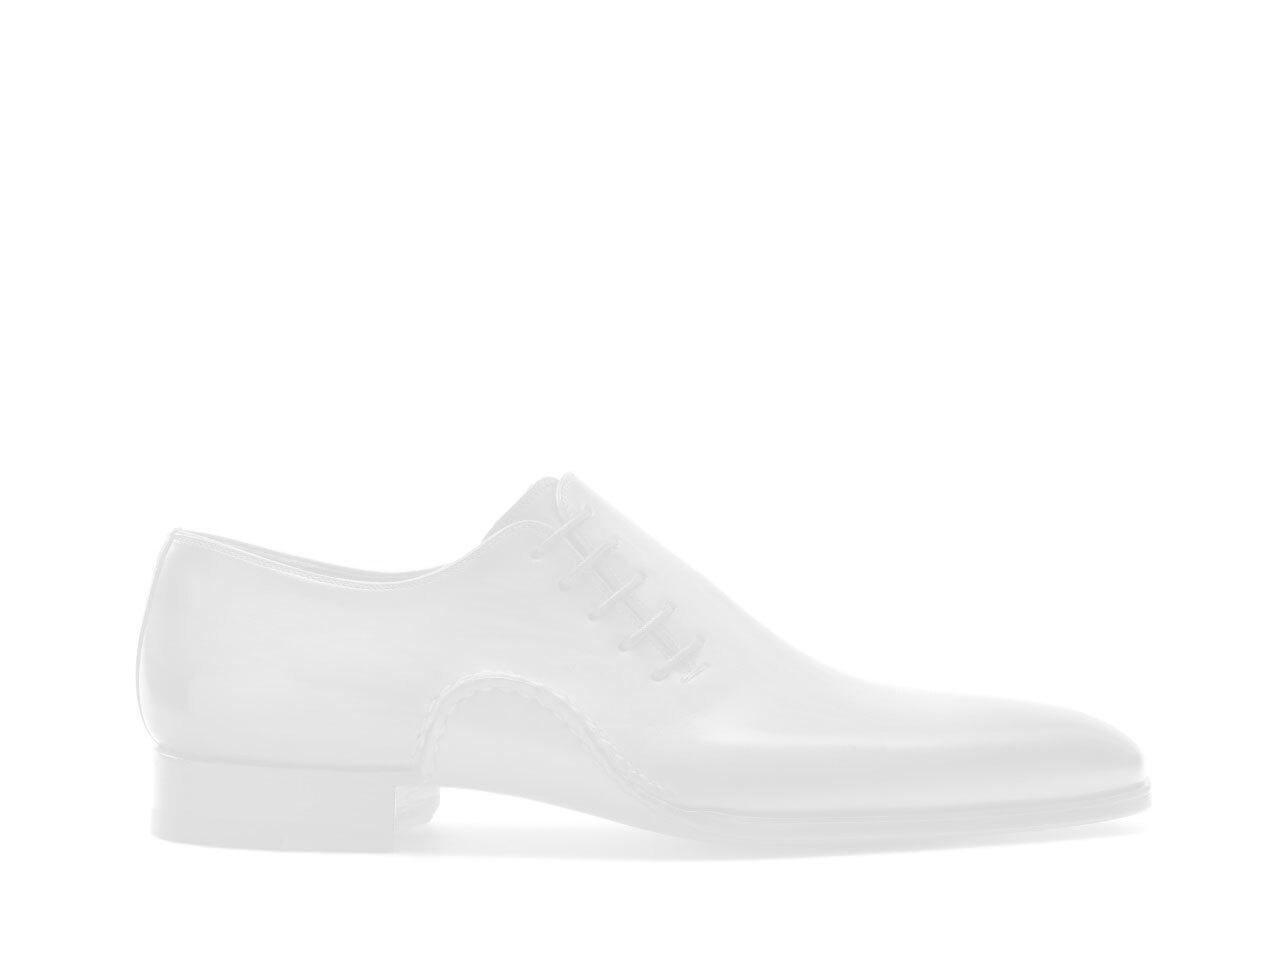 Sole of the Magnanni Lucero Cognac Men's Single Monk Strap Shoes